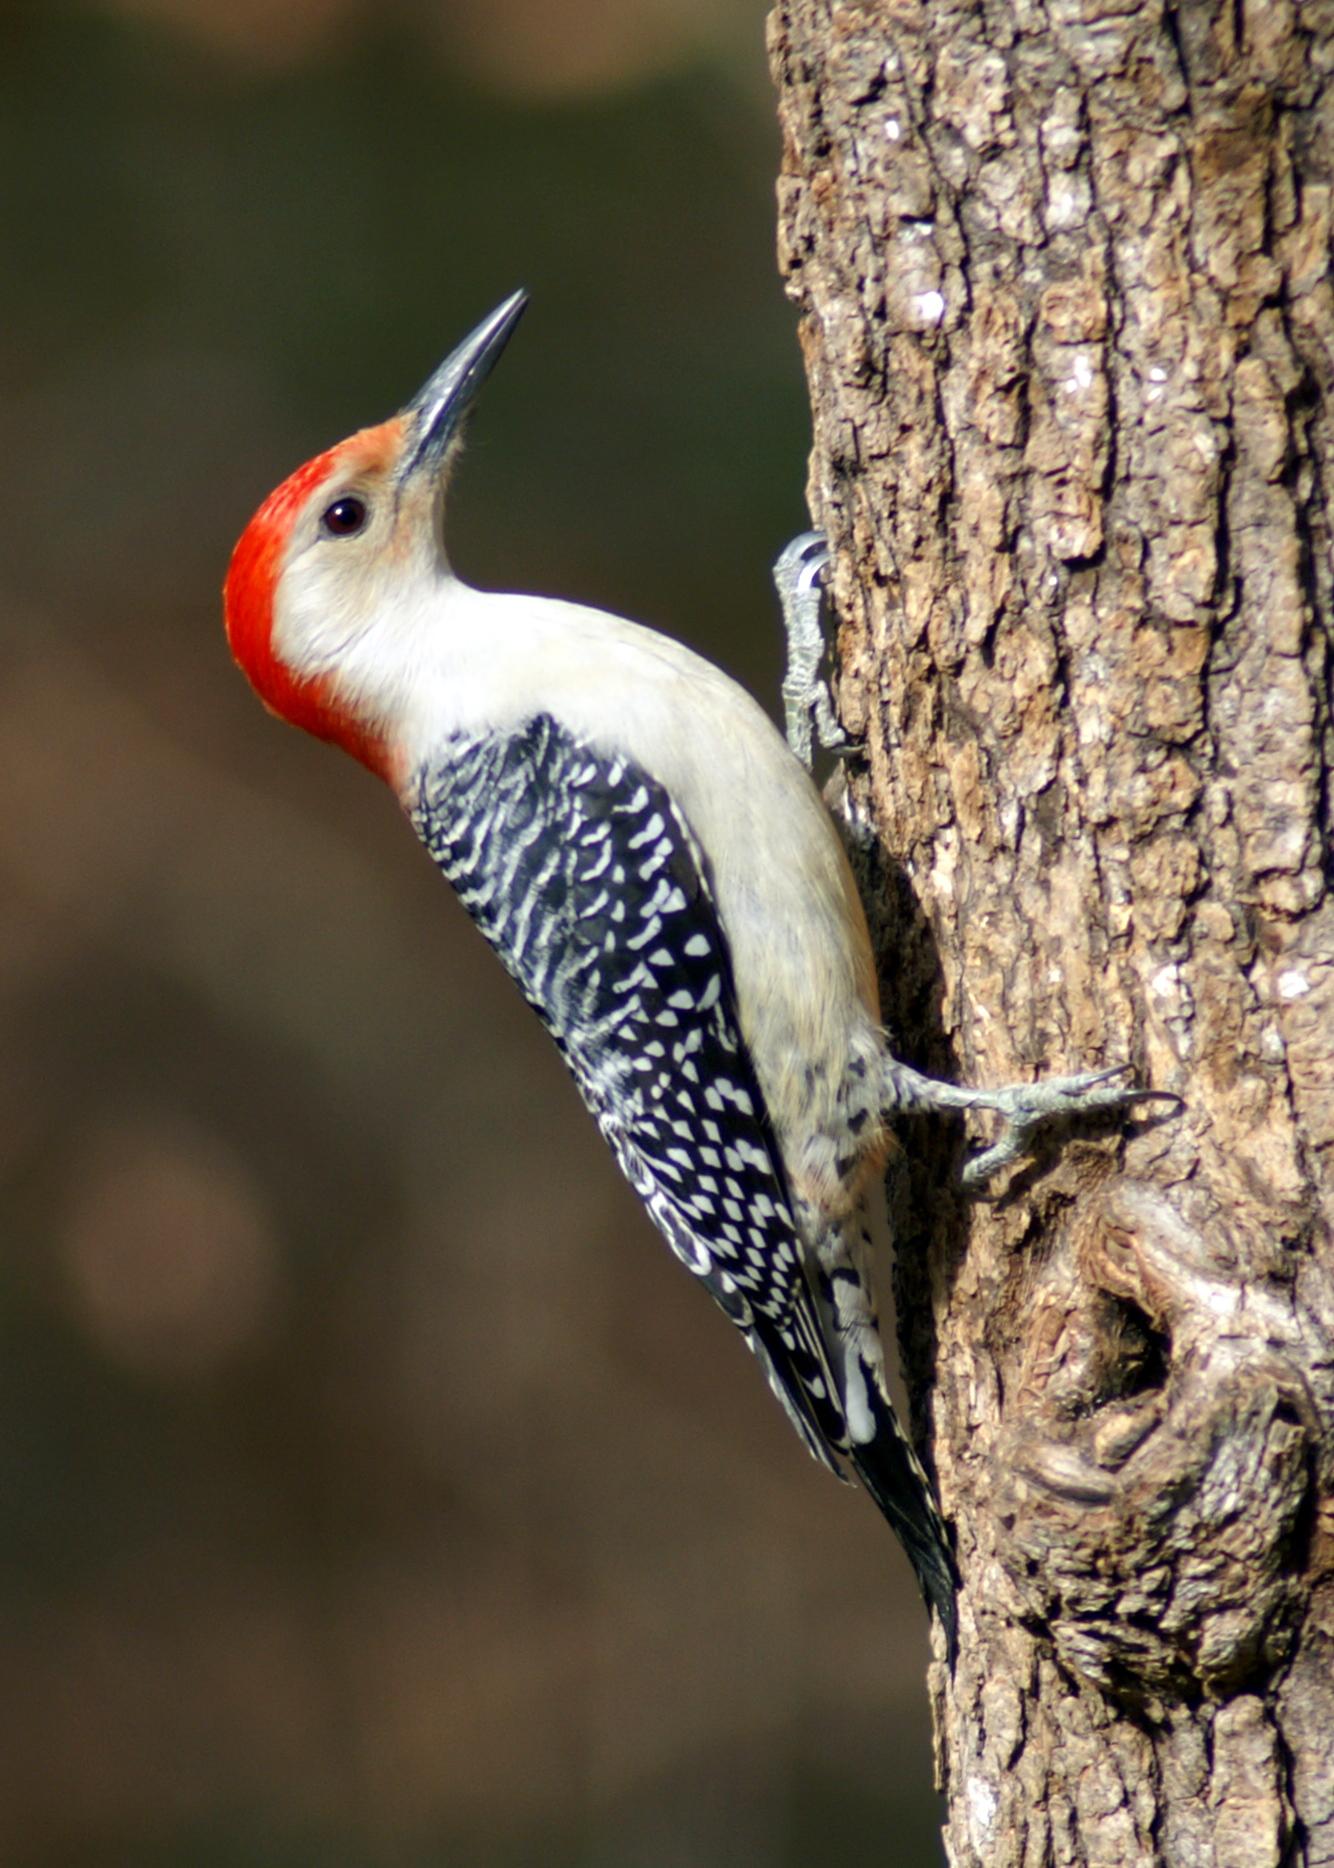 File:Red-bellied Woodpecker Male.JPG